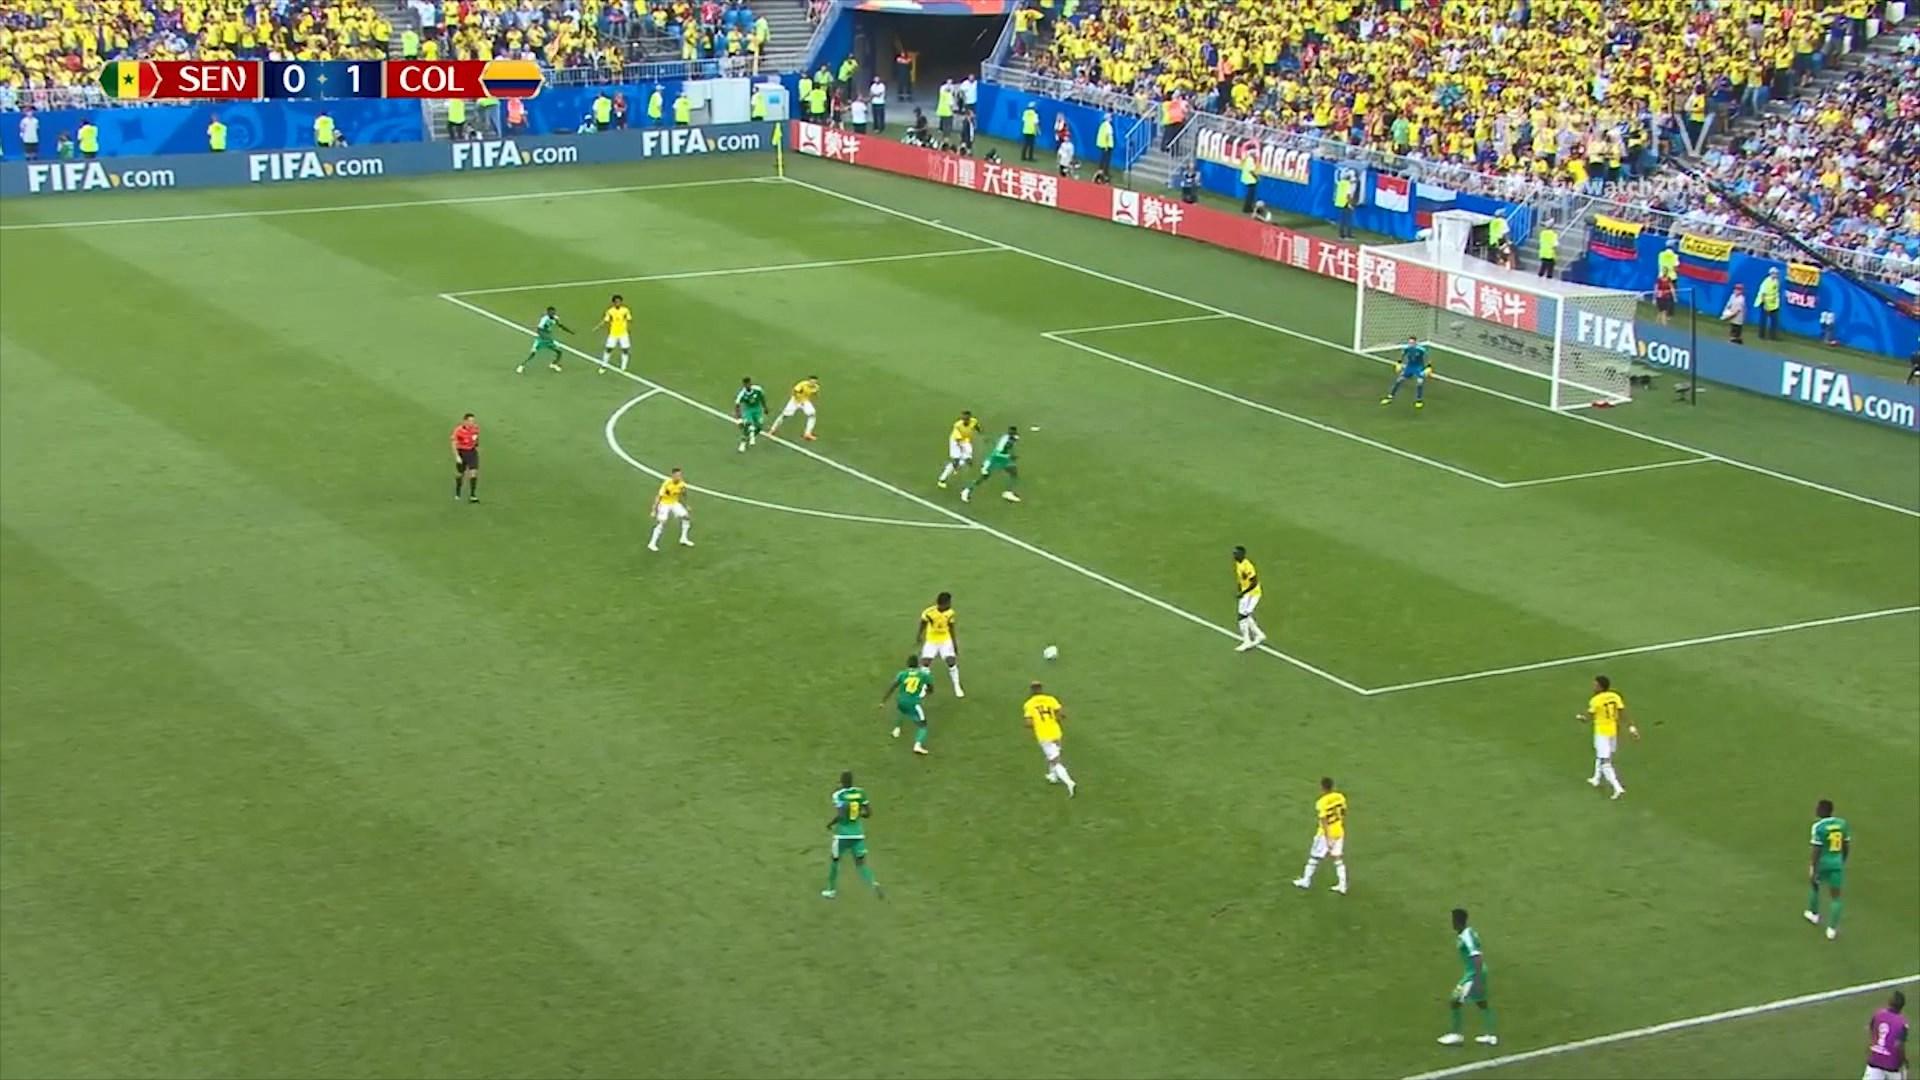 Ditë historike në Botëror/ Për herë të parë një ekip u eleminua për kartonë të verdhë